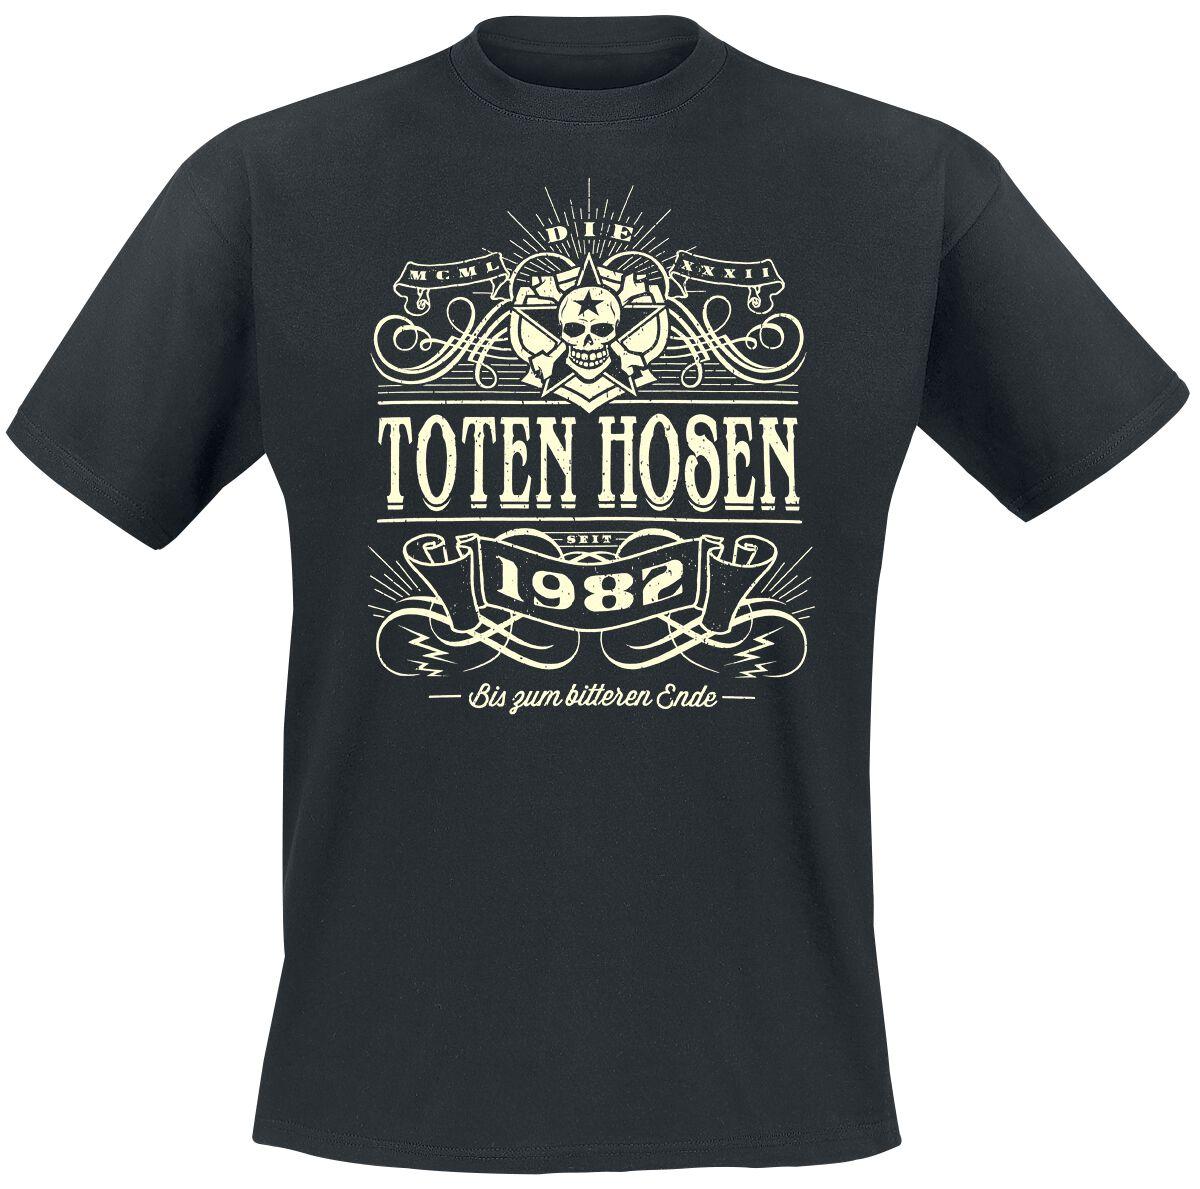 Die Toten Hosen Alte Schule T-Shirt schwarz